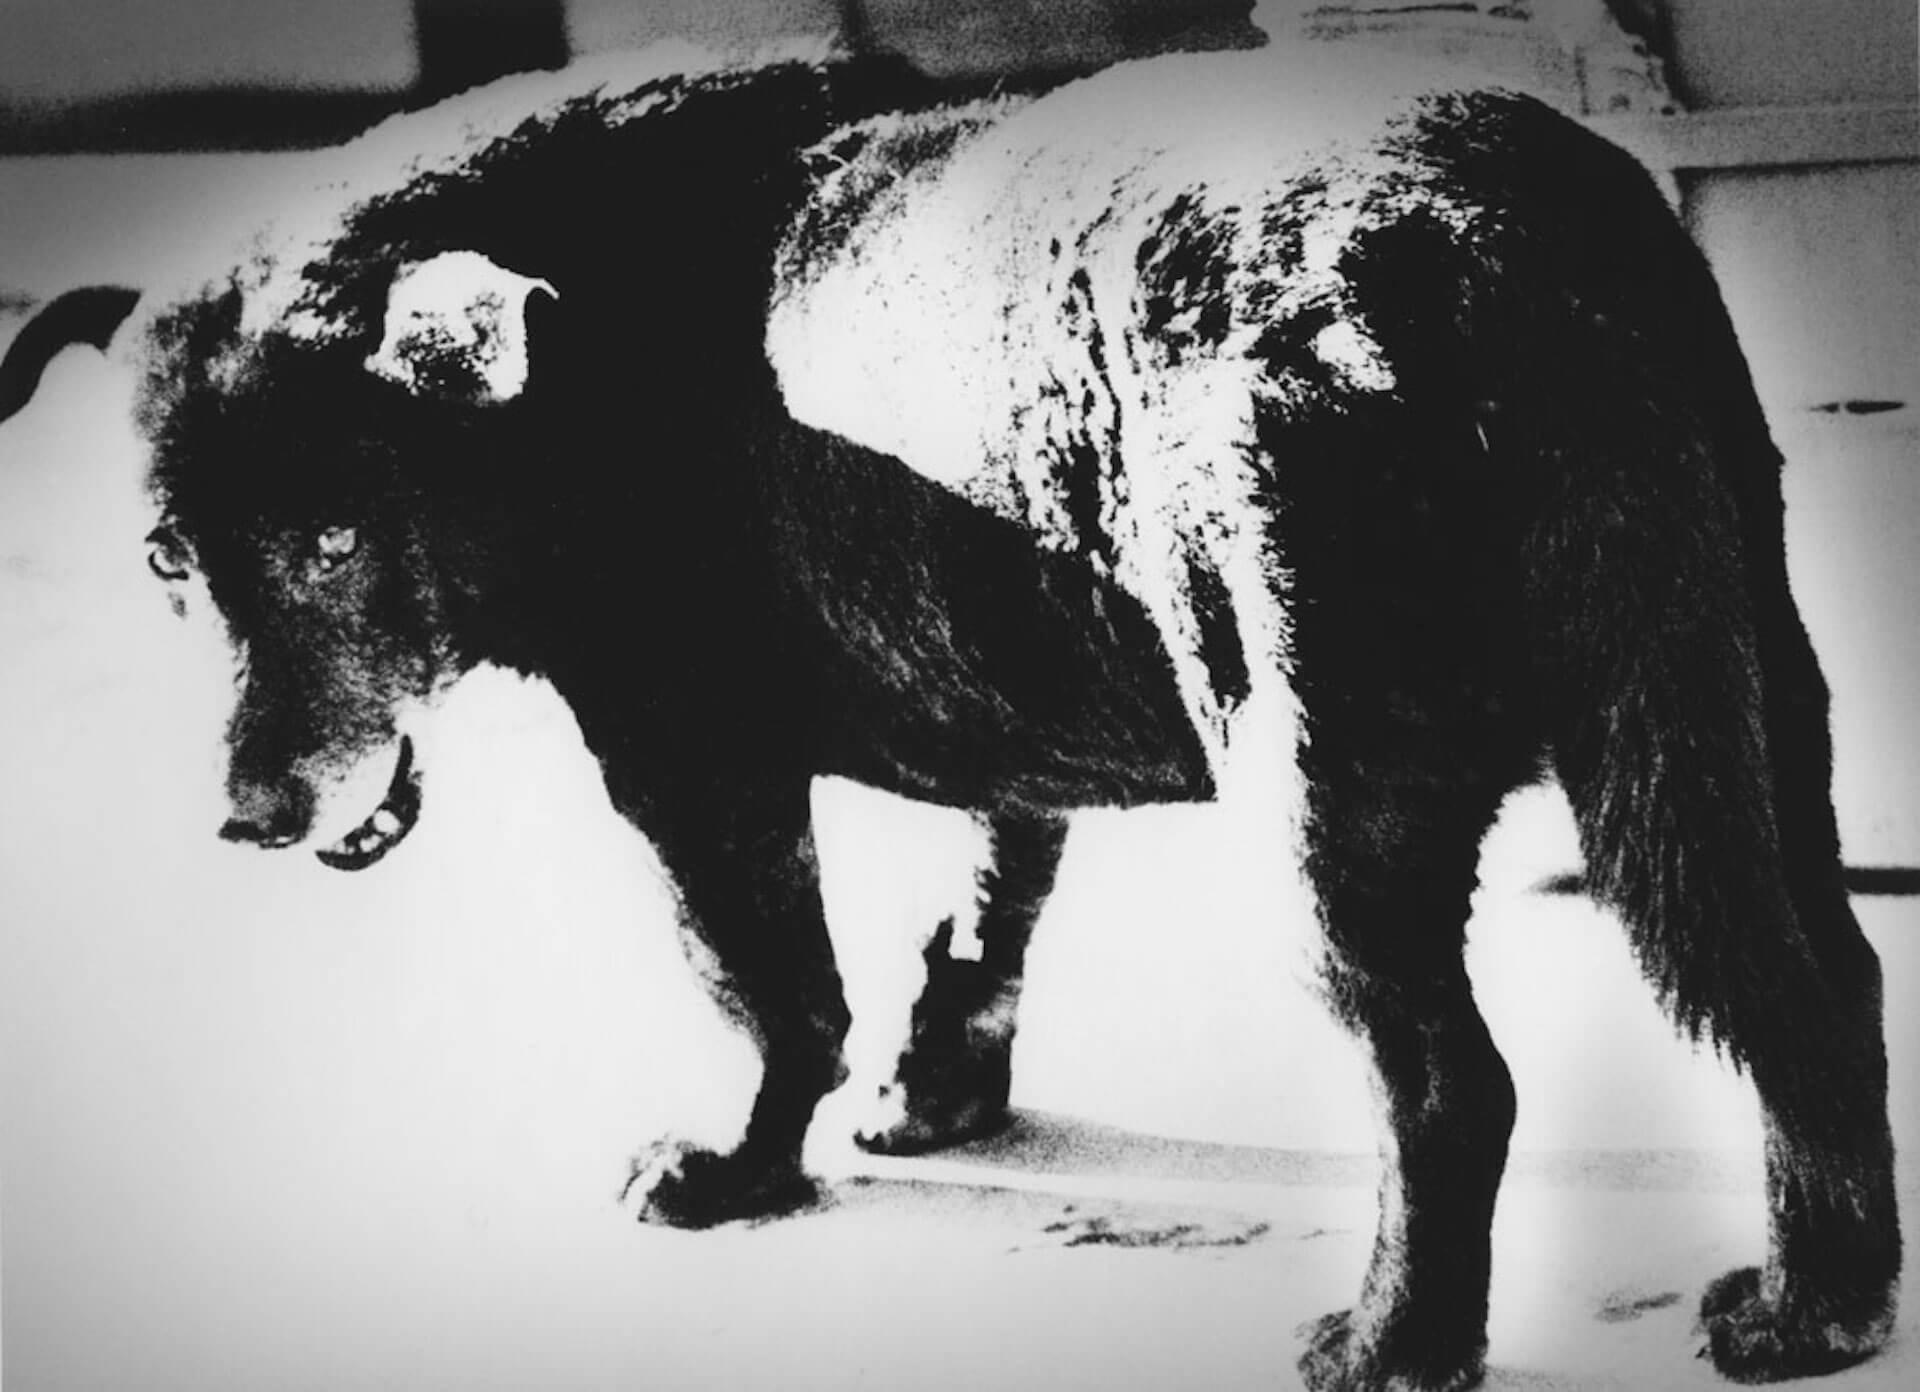 森山大道ドキュメンタリー映画『過去はいつも新しく、未来はつねに懐かしい 写真家 森山大道』菅田将暉ナレーションによる本予告編が解禁 film201203_moriyama_daido_09